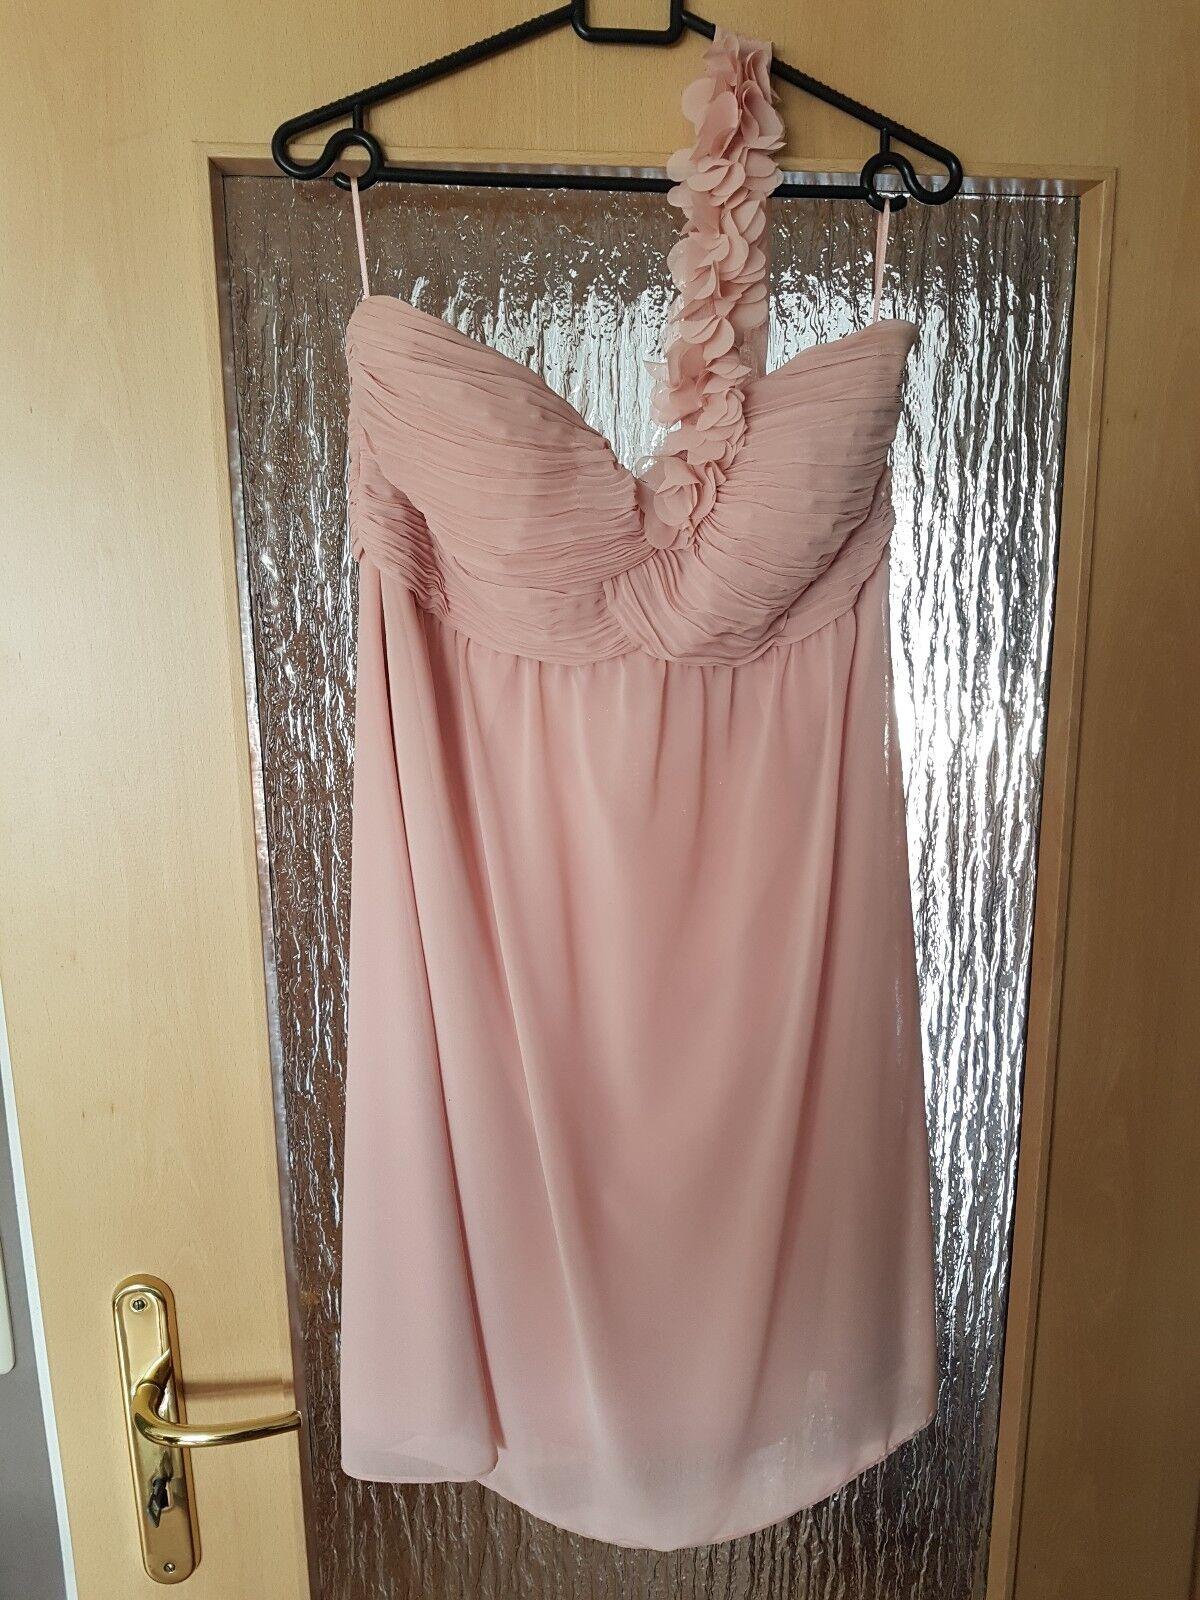 Esprit Kleid Abendkleid Cocktailkleid Rosa Gr.40 nur 1 mal getragen Wie Neu